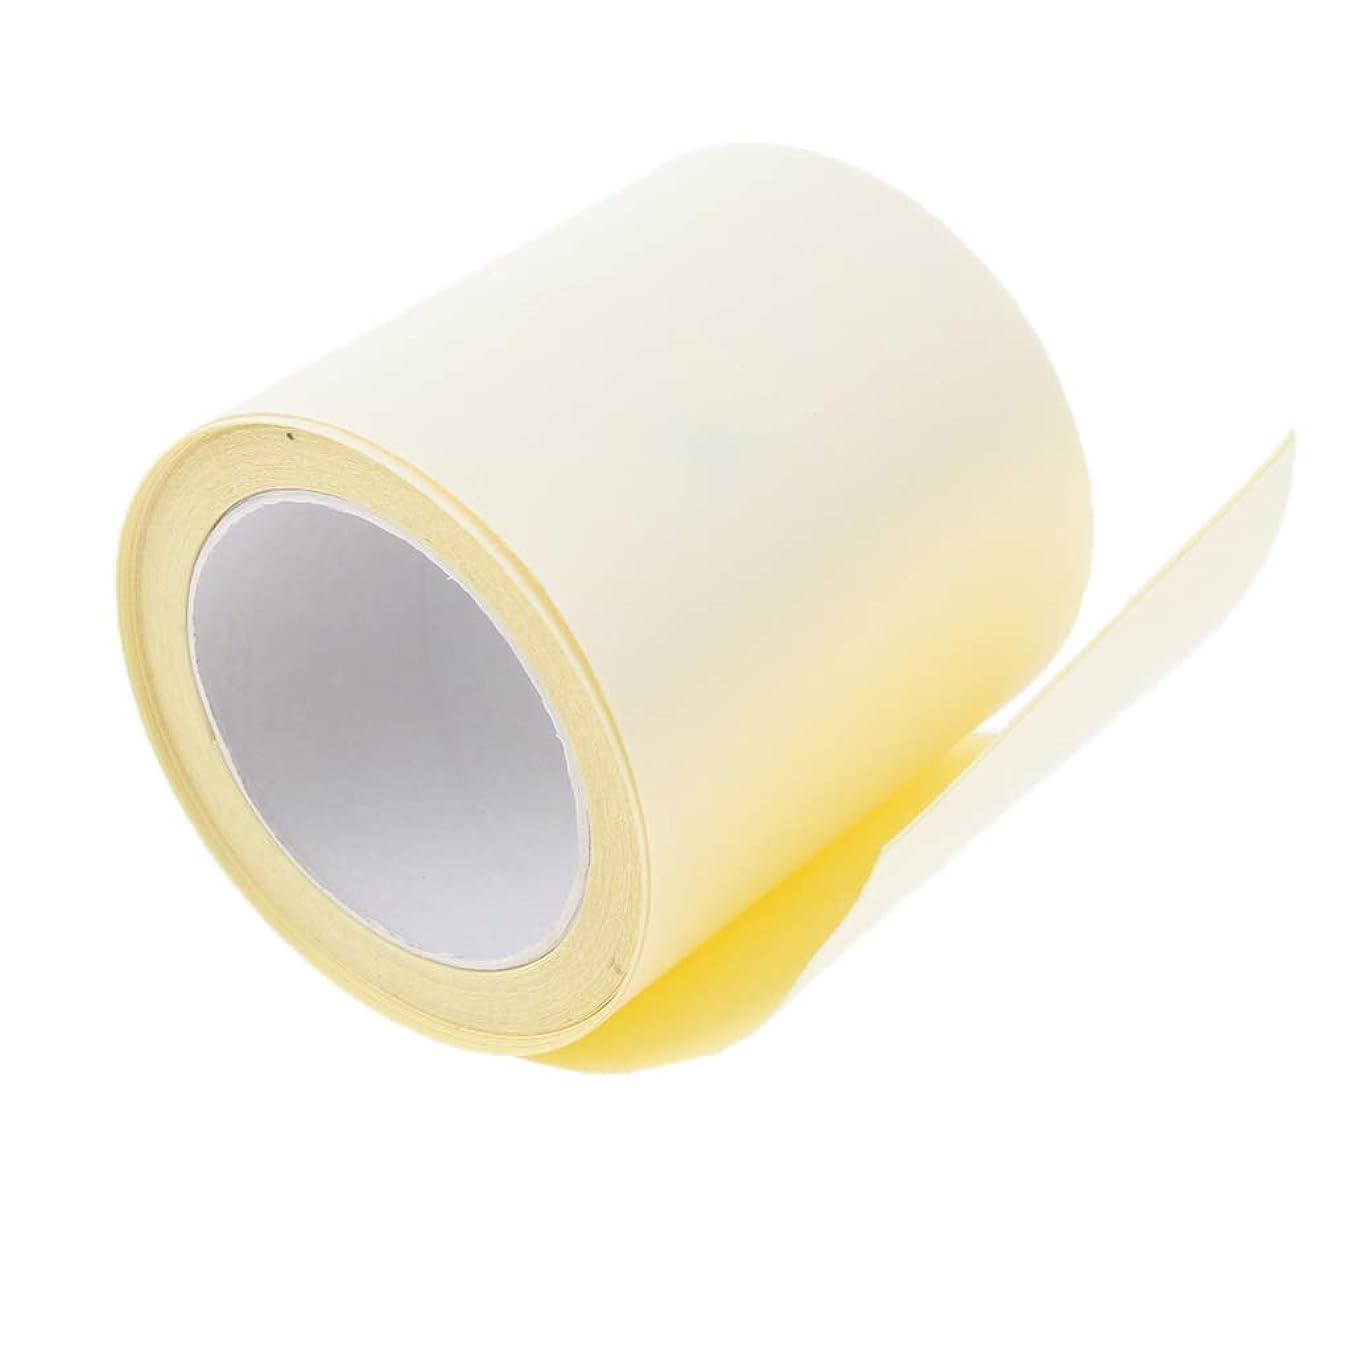 油困惑したランタンBaoblaze 使い捨て 脇の下の脇の根 汗吸収パッドシール ドテープ 6メートル 皮膚に優しい 男性/女性対応